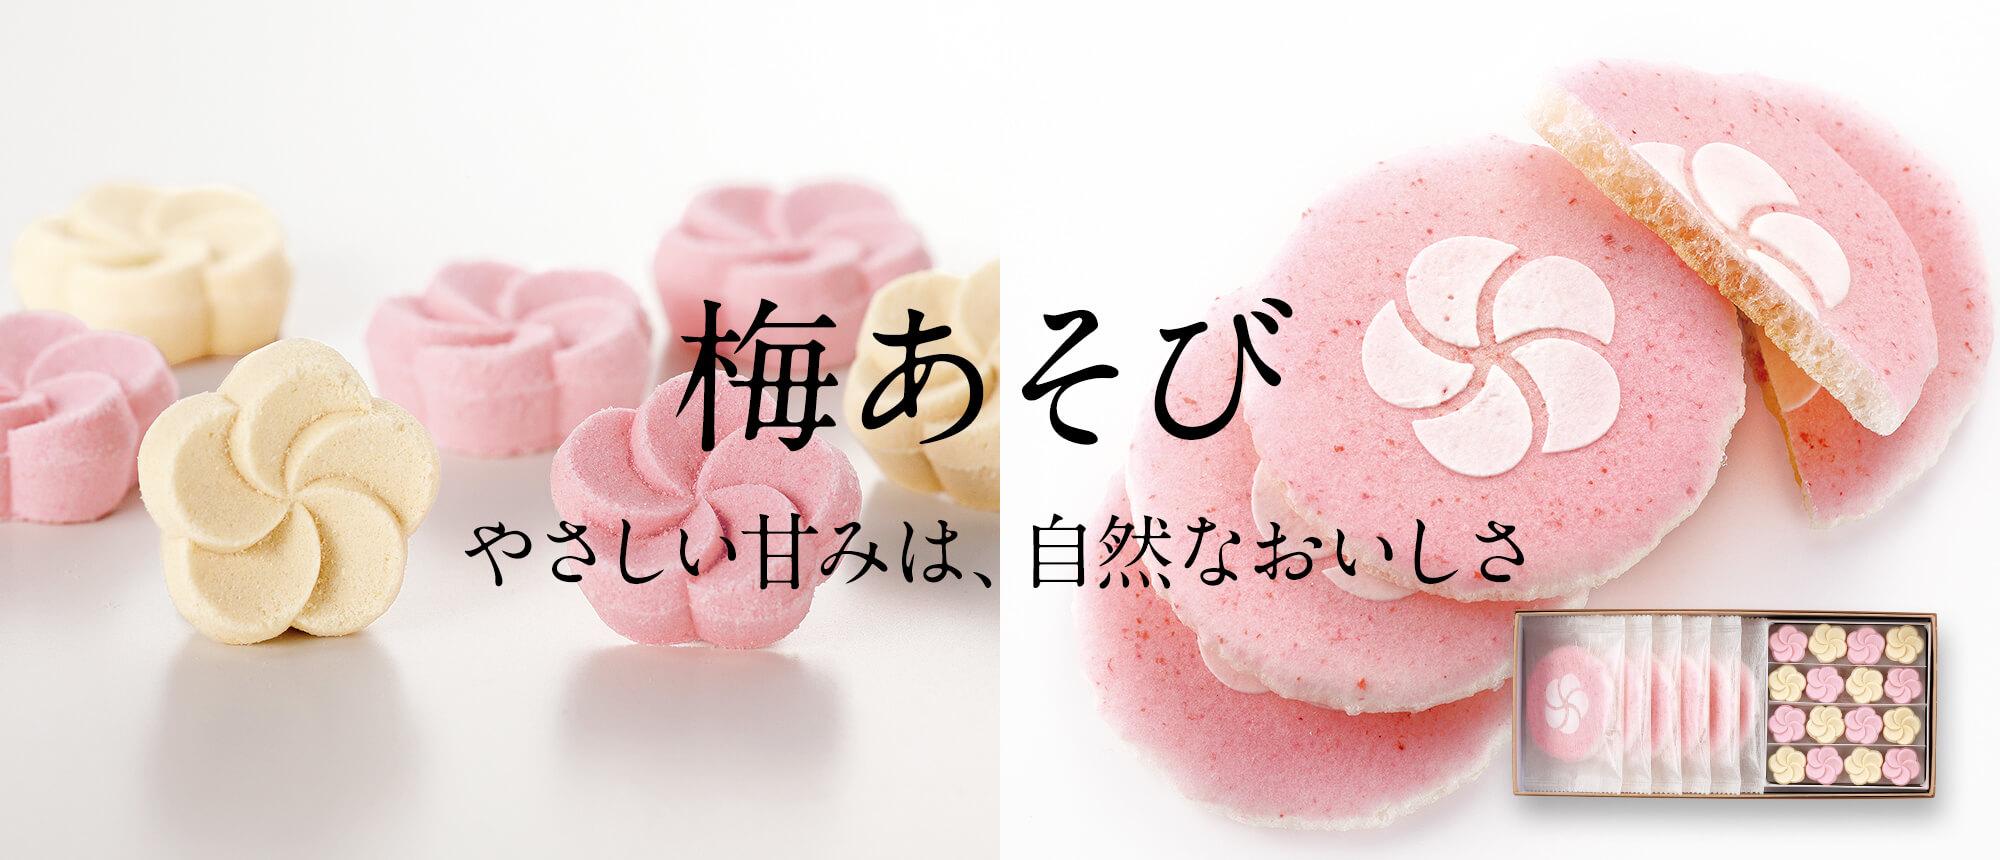 梅の御菓子「梅あそび」 (梅文様×6枚・和三盆×16個入)